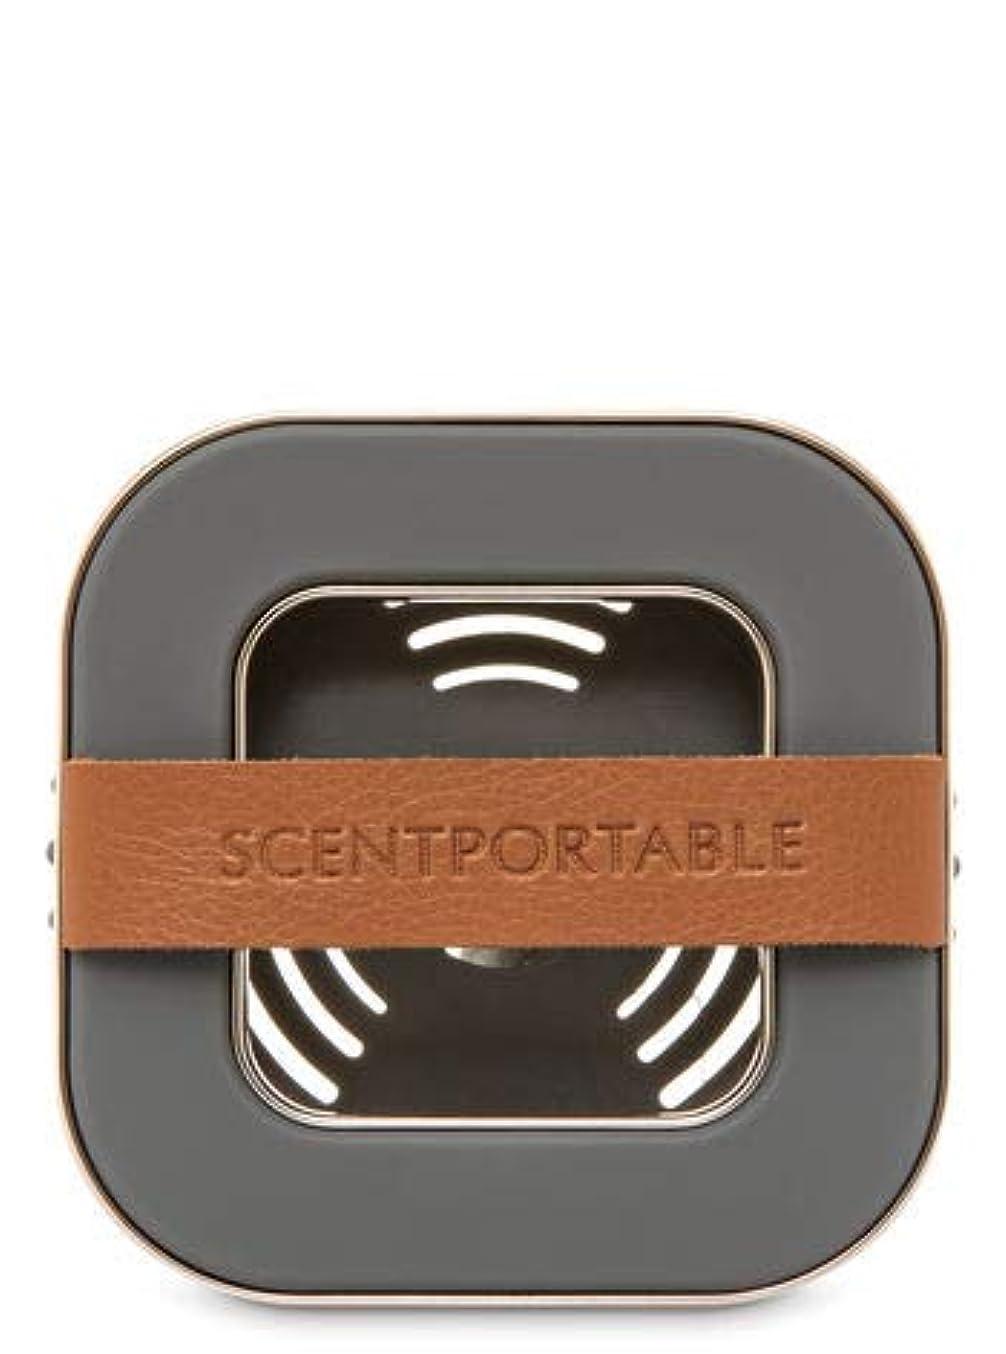 重荷まっすぐ平野【Bath&Body Works/バス&ボディワークス】 車用芳香剤 セントポータブル ホルダー (本体ケースのみ) バンドレザー Scentportable Holder Banded Leather Beveled Square Vent Clip [並行輸入品]